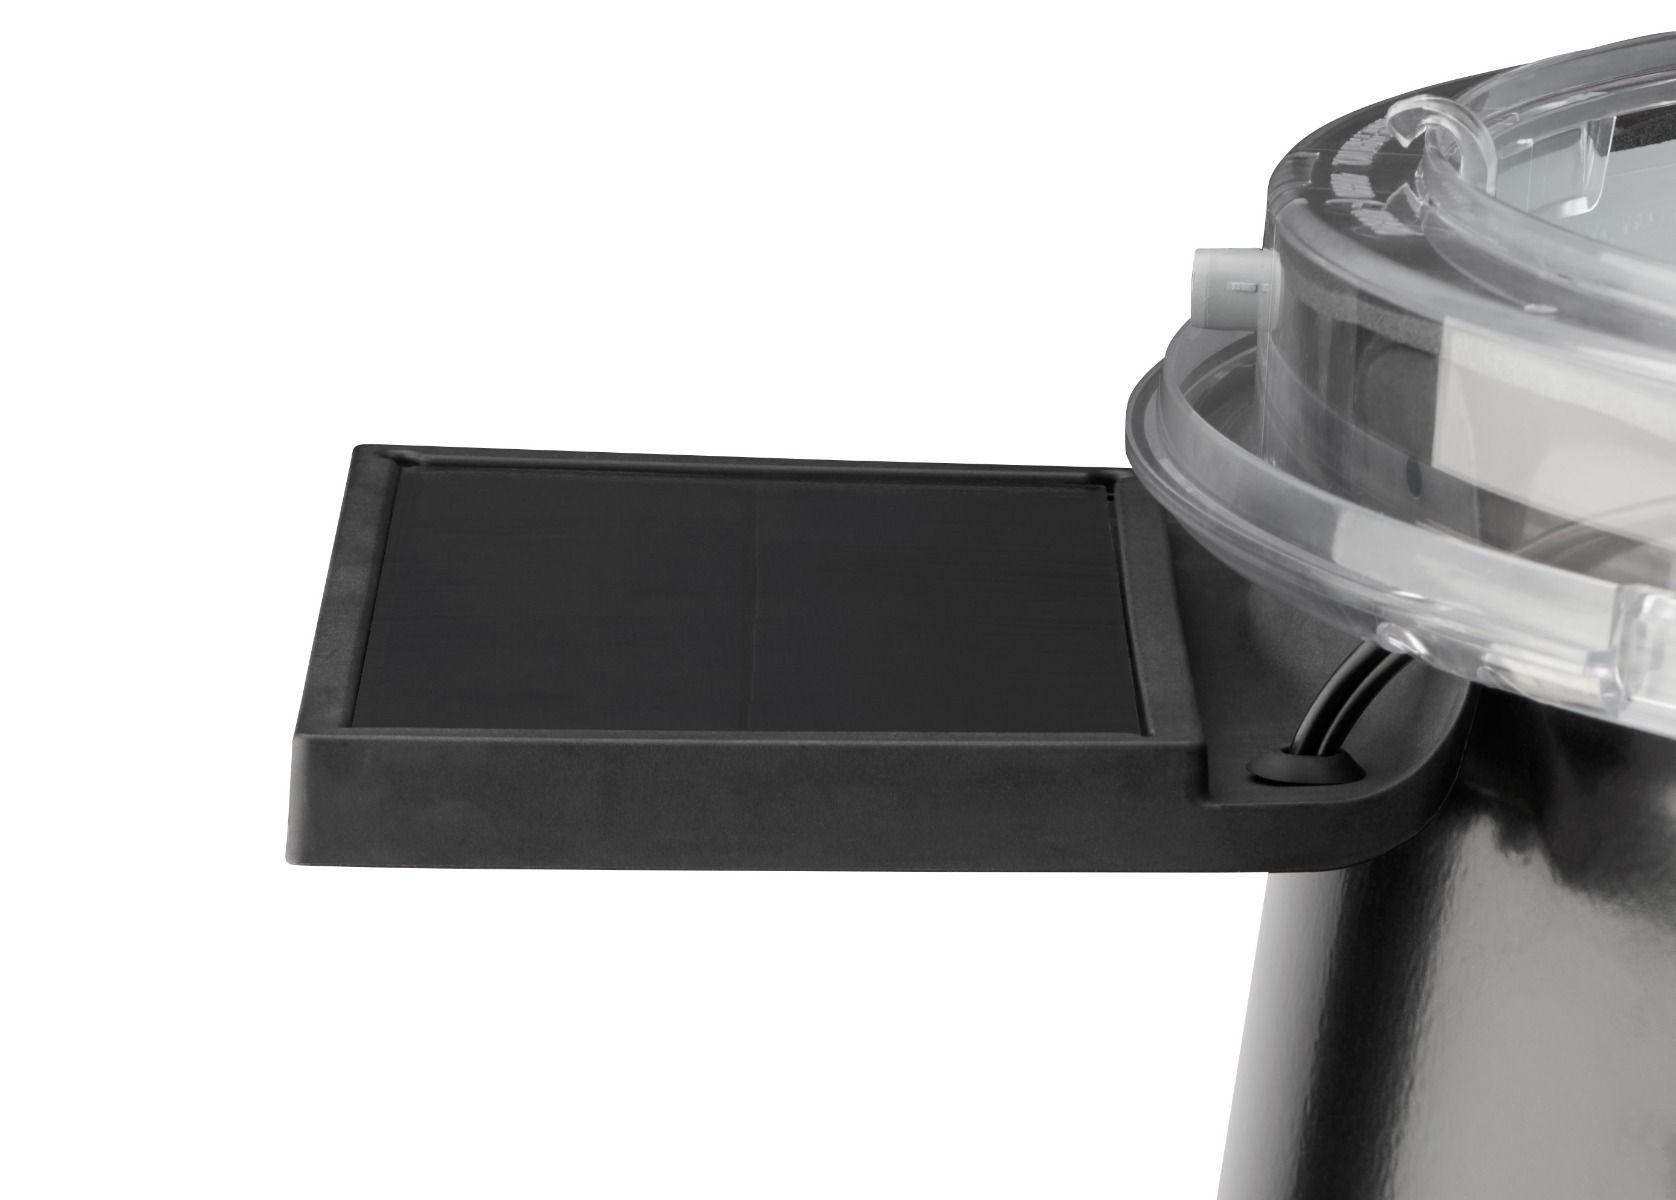 Solatube-35cm-290-DS-Daglichtdimmmer-Zonne-energie-S579610-35-3